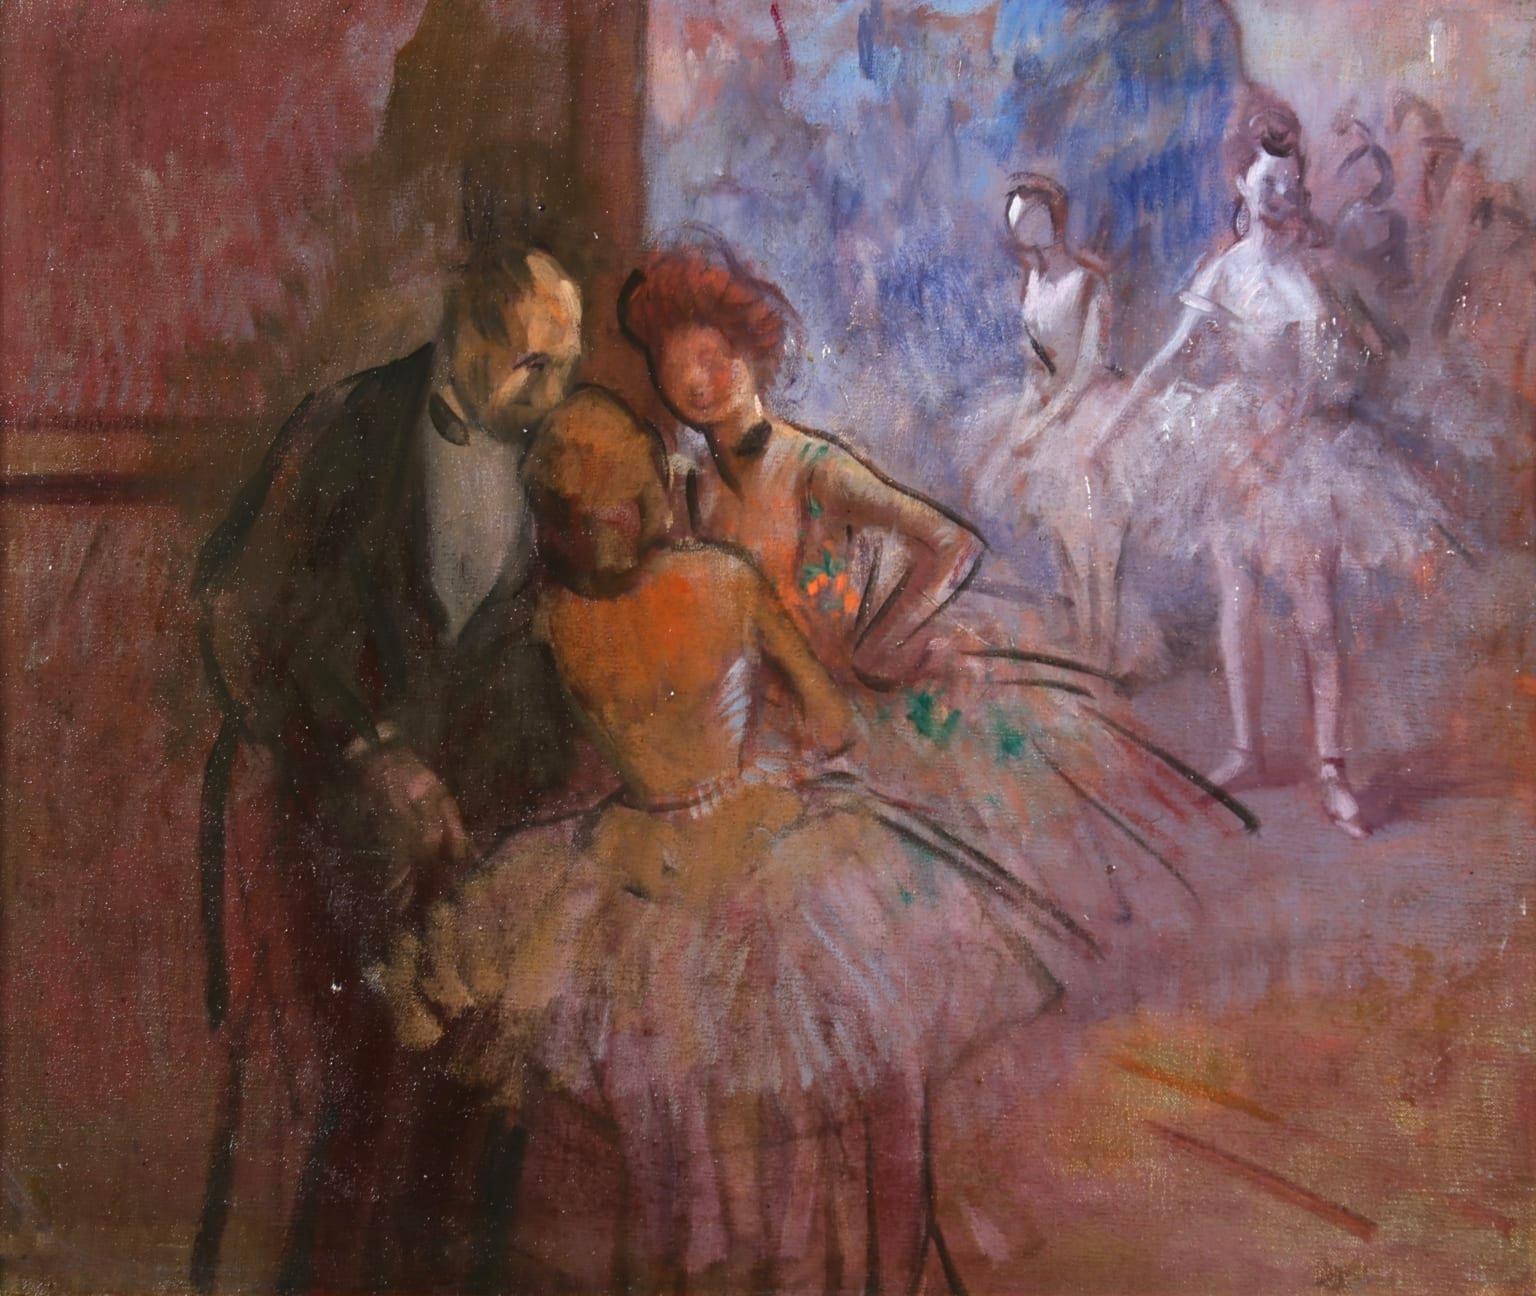 Danseuses dans les coulisses a l'Opera - Figurative Impressionist Oil - Forain